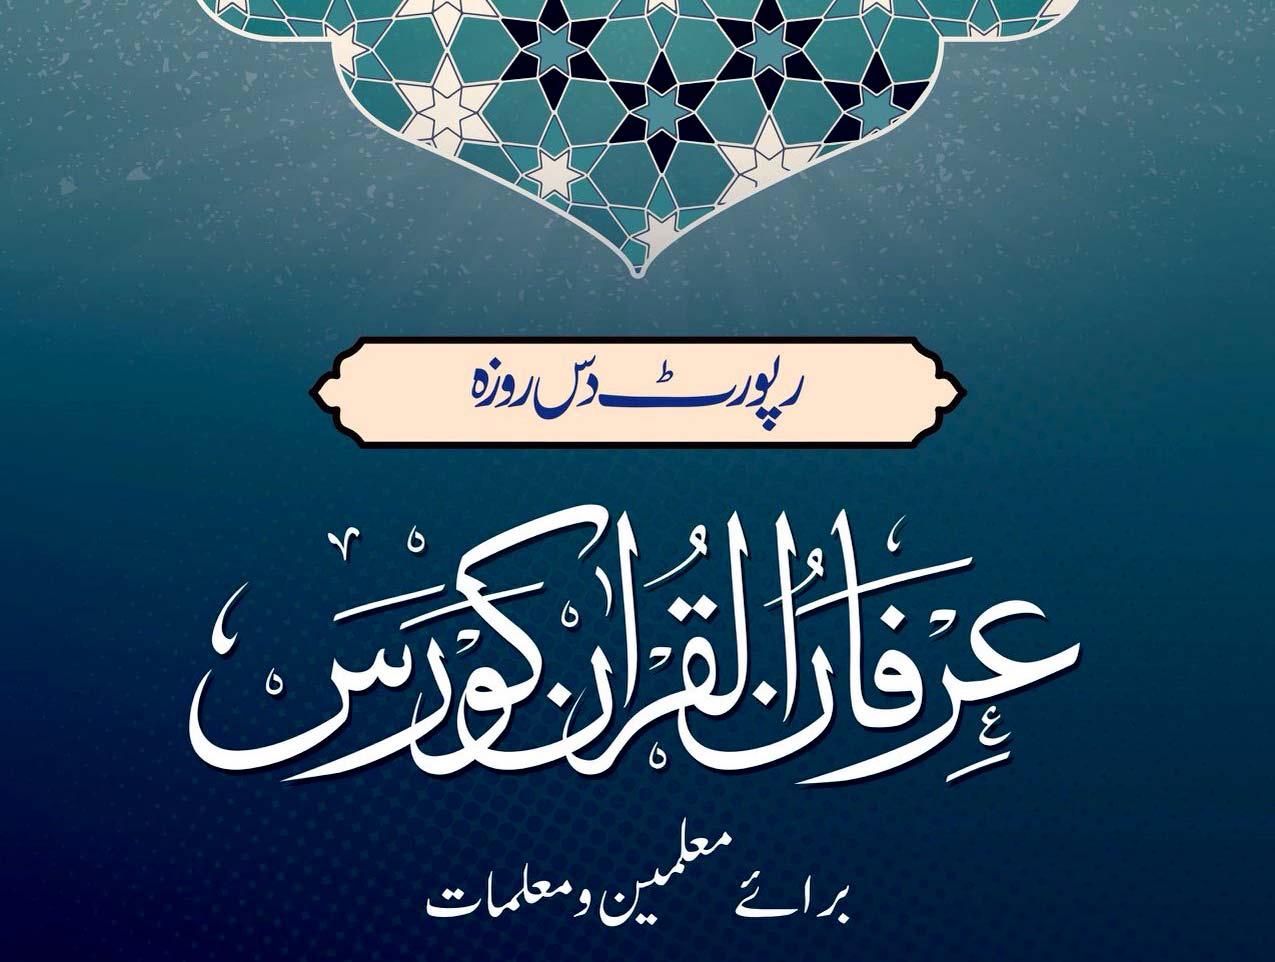 منہاج القرآن ویمن لیگ کے زیراہتمام جہلم میں معلمین و معلمات کے لیے عرفان القرآن کورس (رپورٹ)